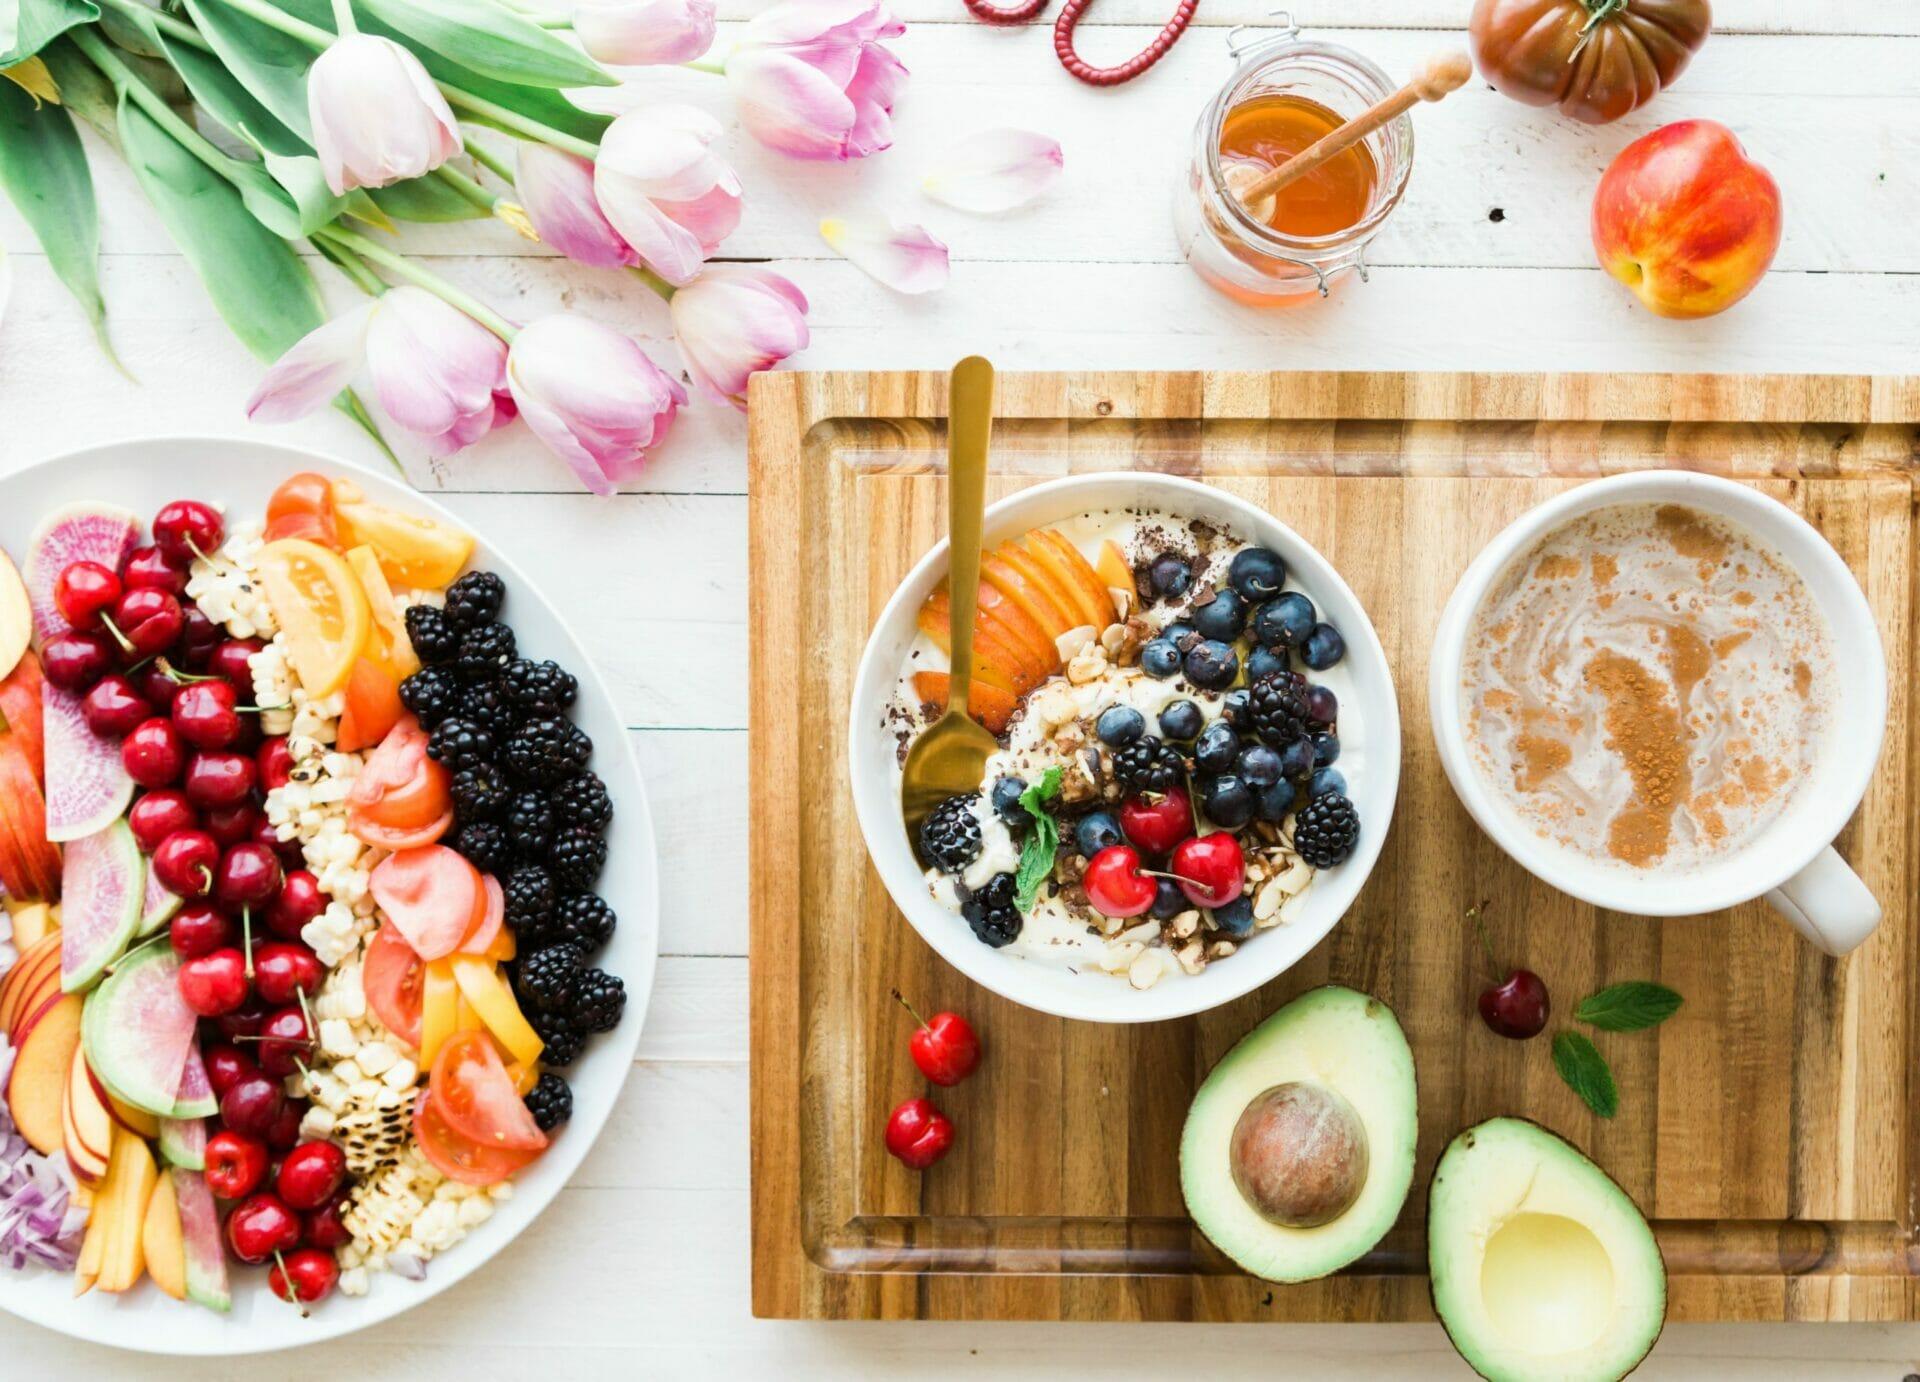 las dietas para perder peso no funcionan